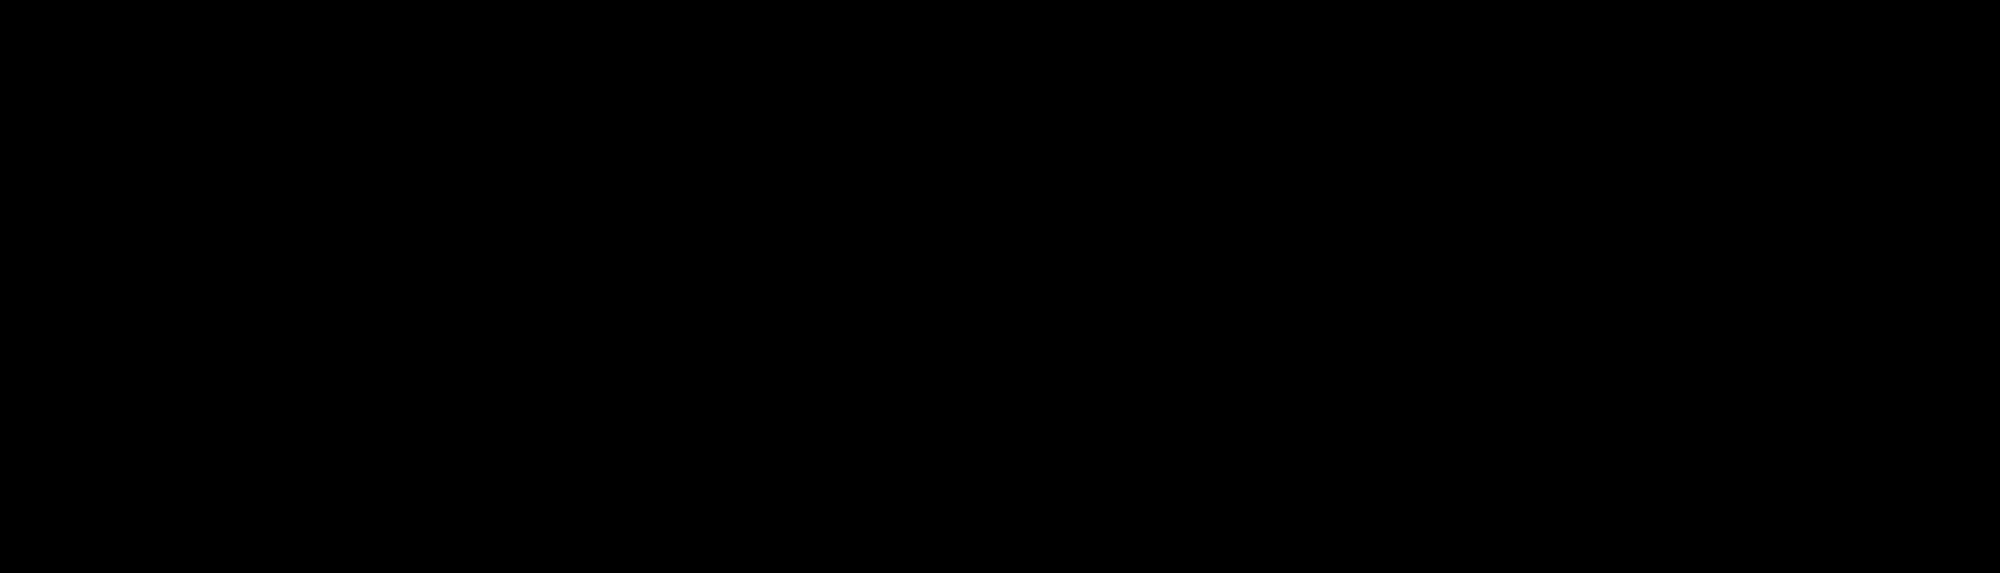 BBC Logo - BBC